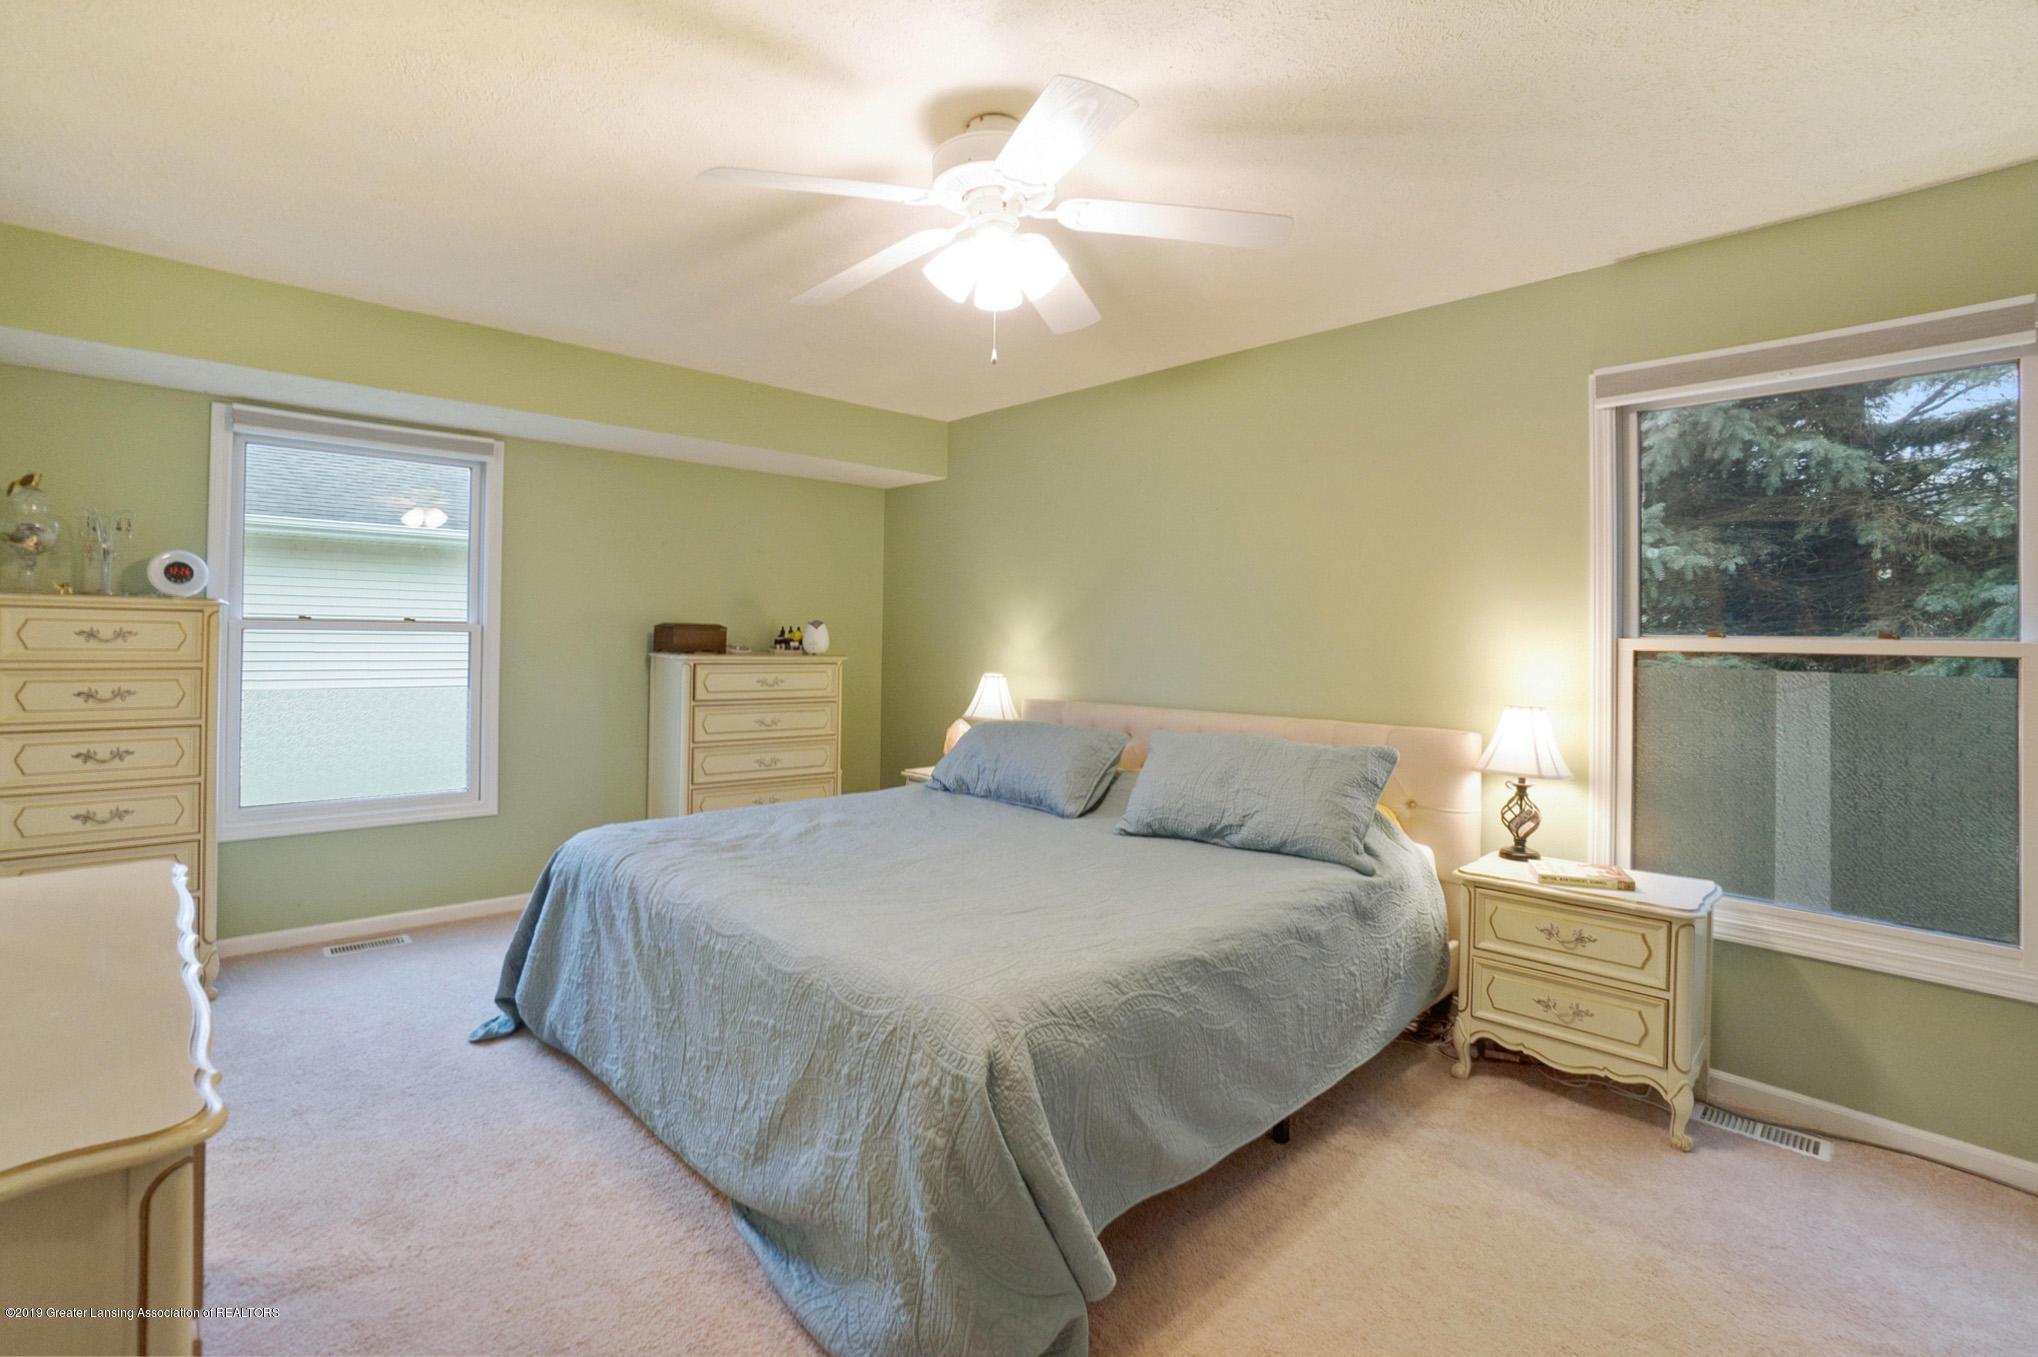 2540 Cunningham Dr - Bedroom - 19